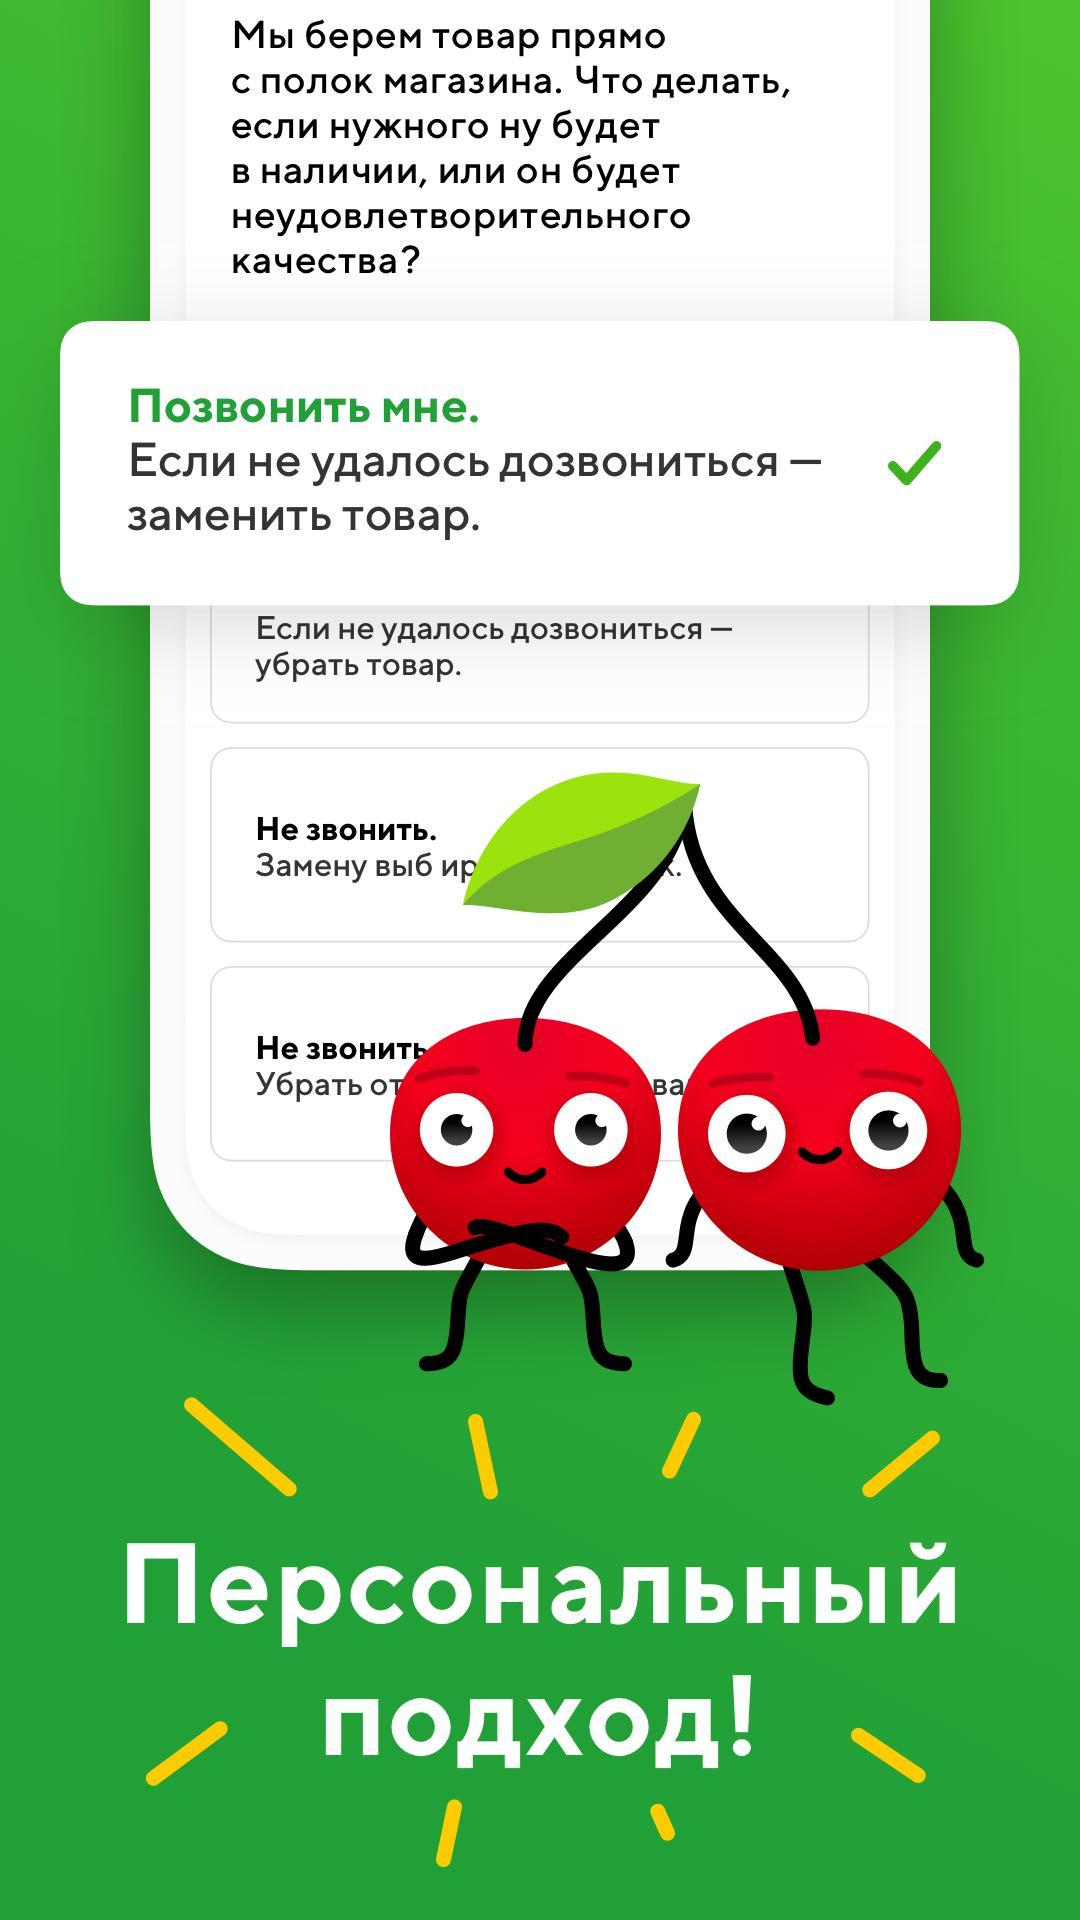 маркет андроид apk